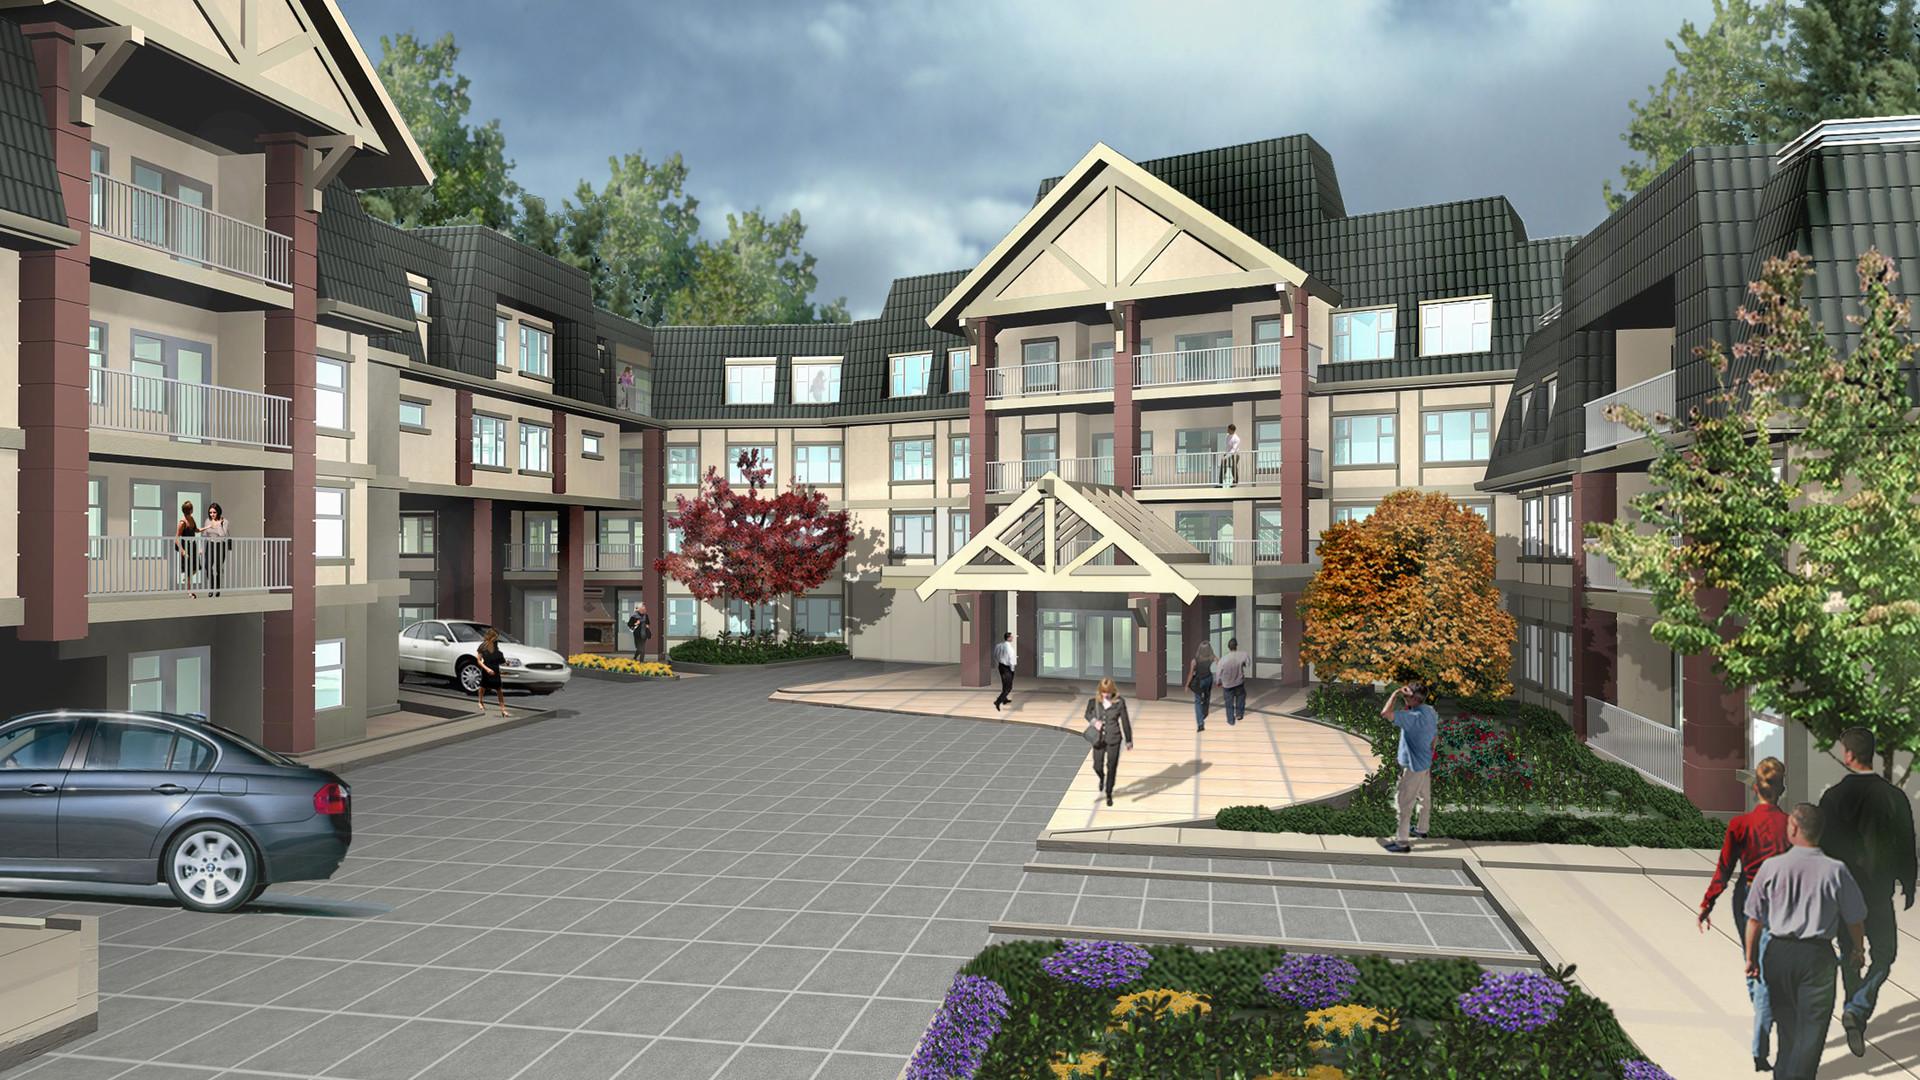 Senior Care Facility Front Facade